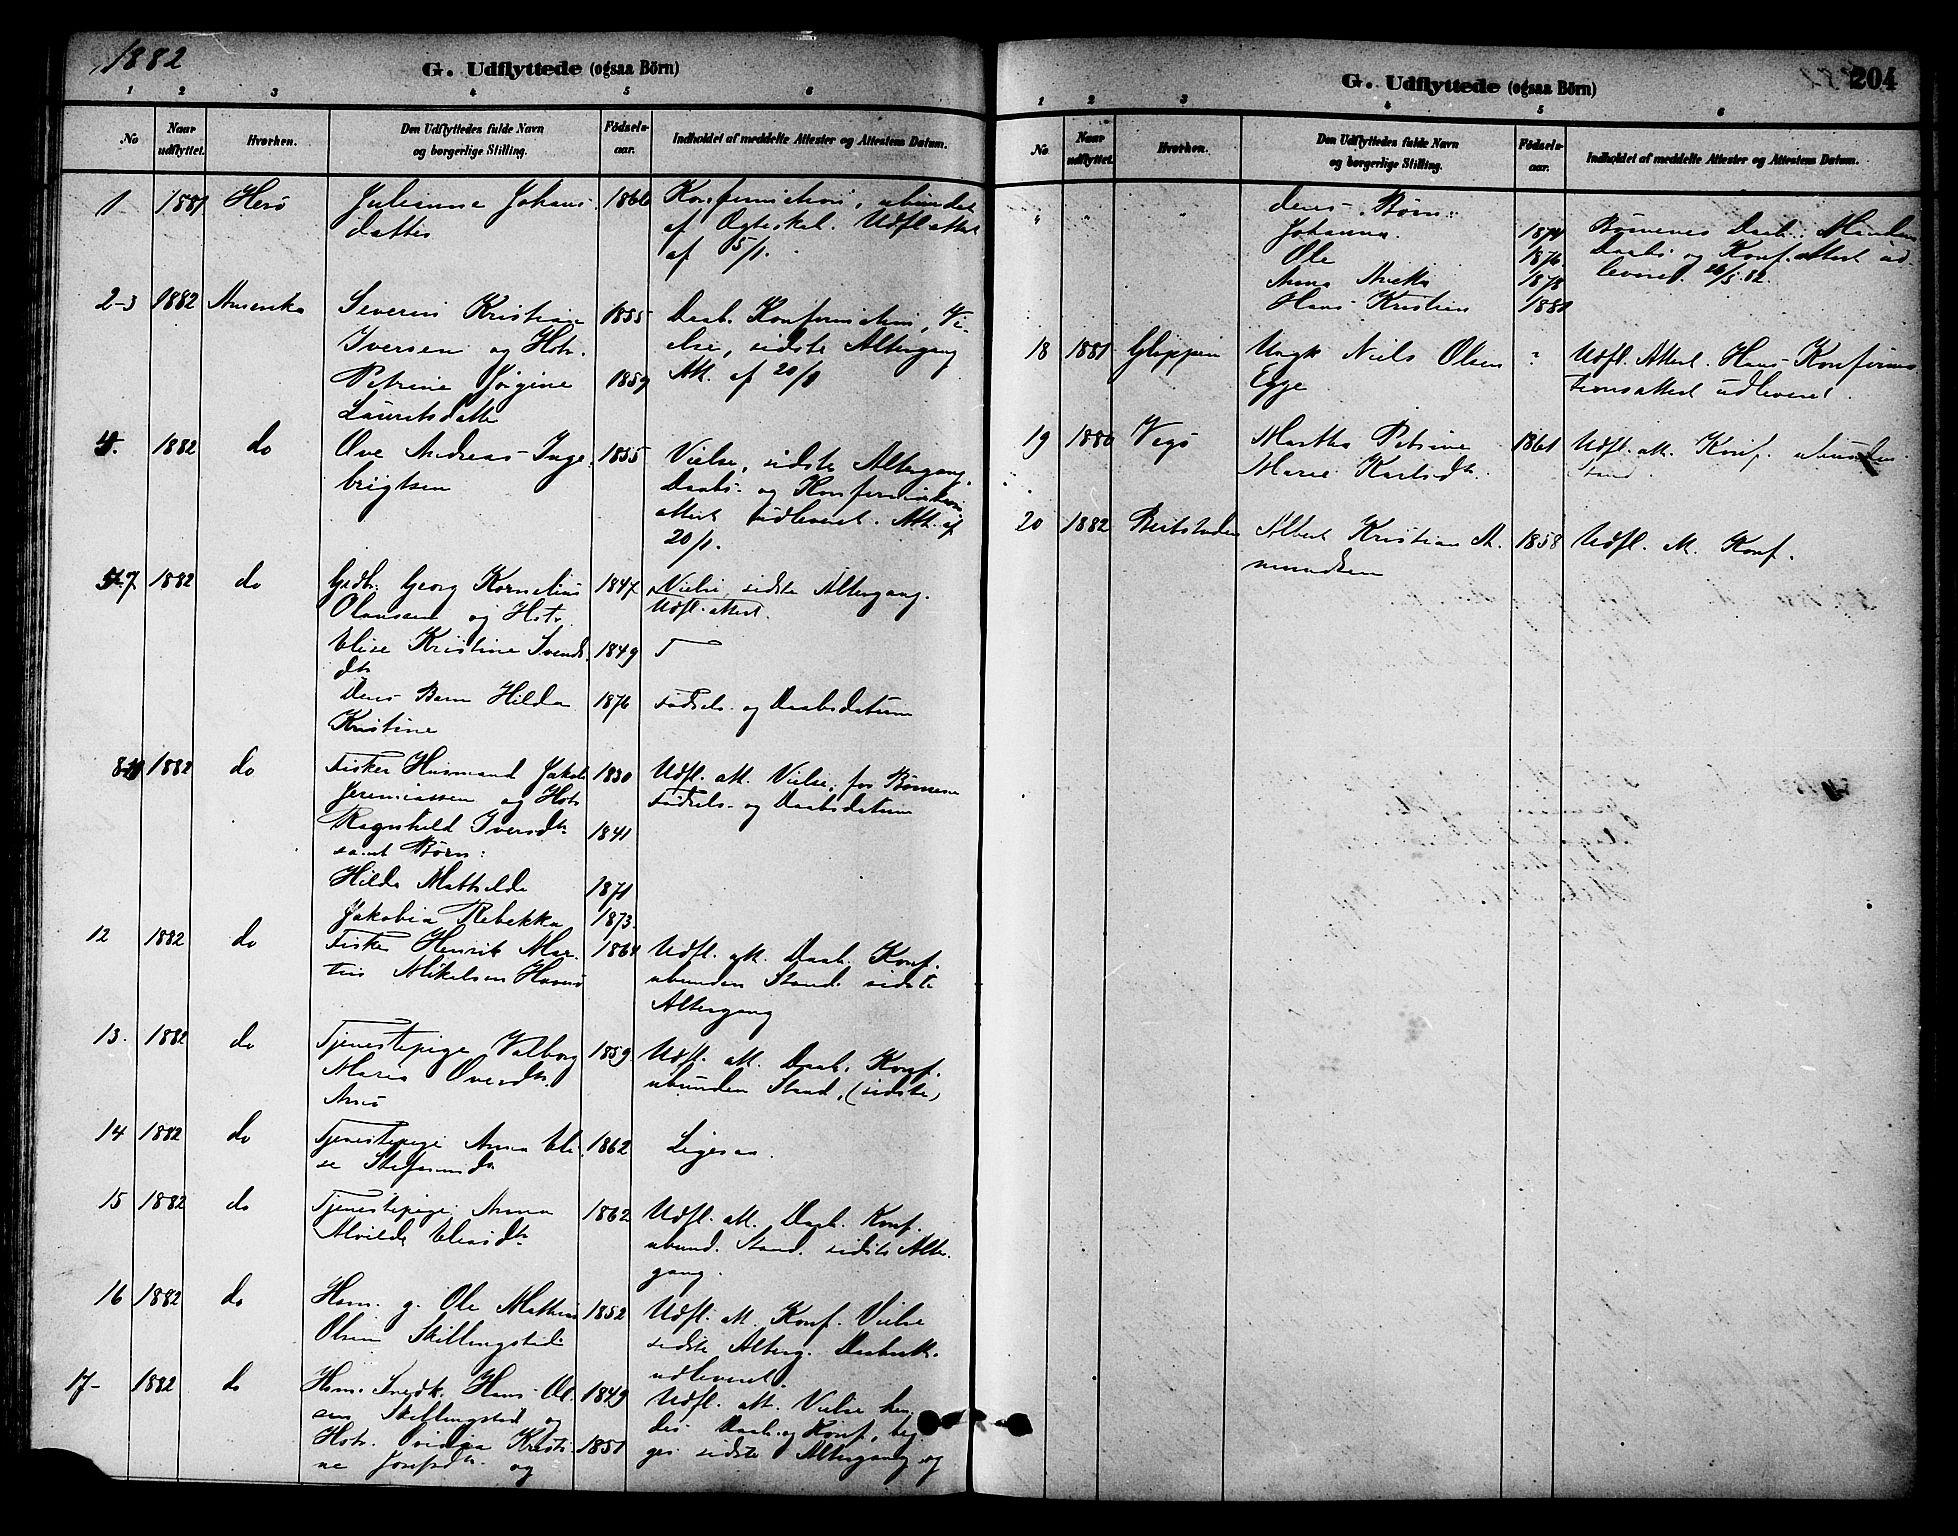 SAT, Ministerialprotokoller, klokkerbøker og fødselsregistre - Nord-Trøndelag, 784/L0672: Ministerialbok nr. 784A07, 1880-1887, s. 204